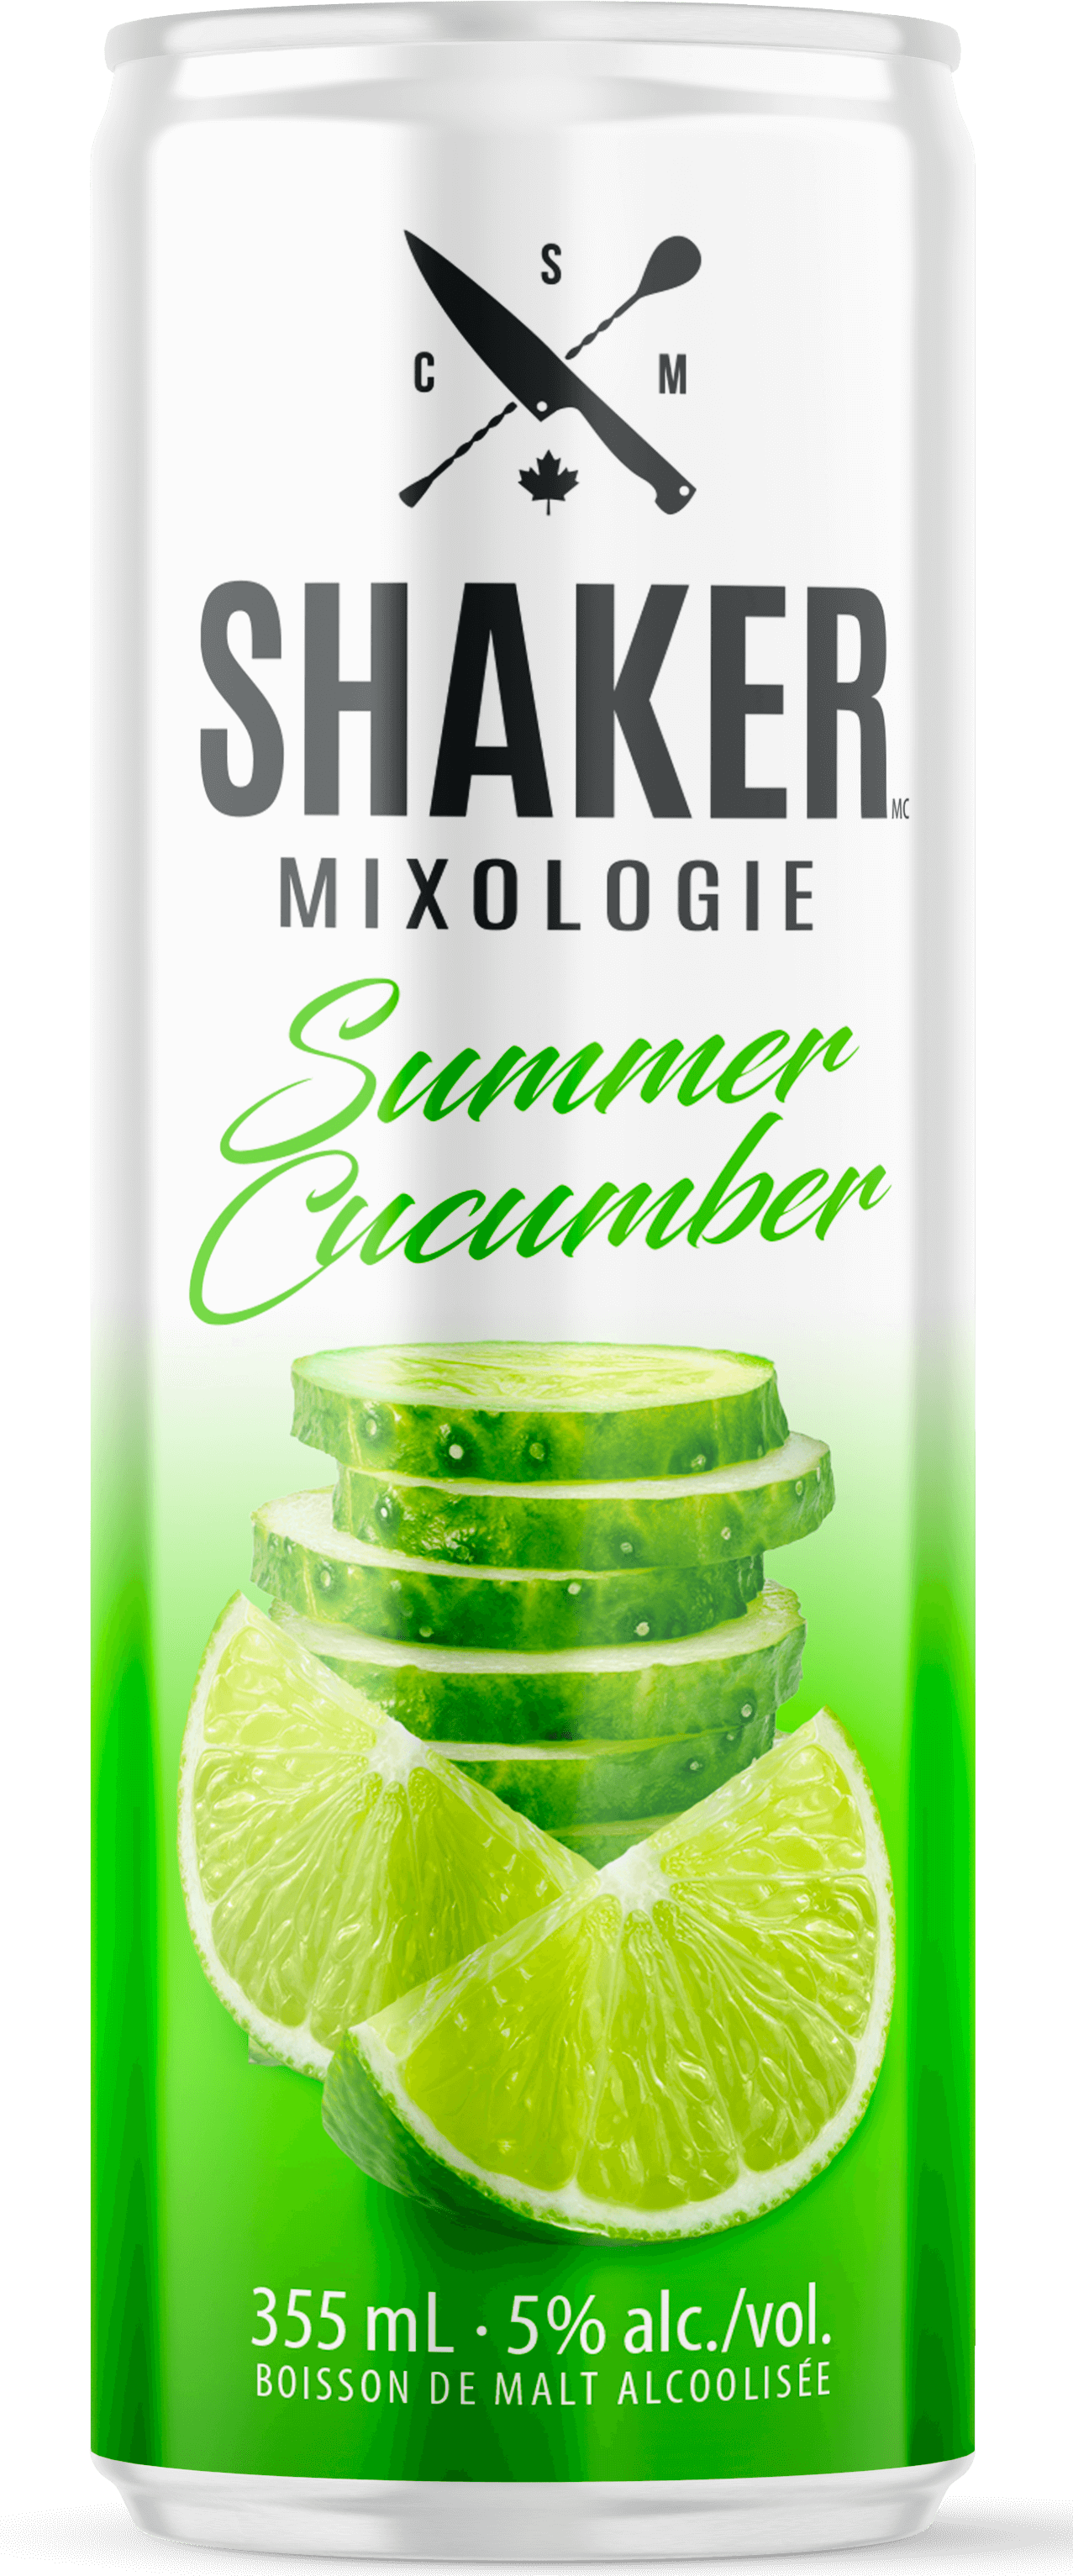 summer-cucumber